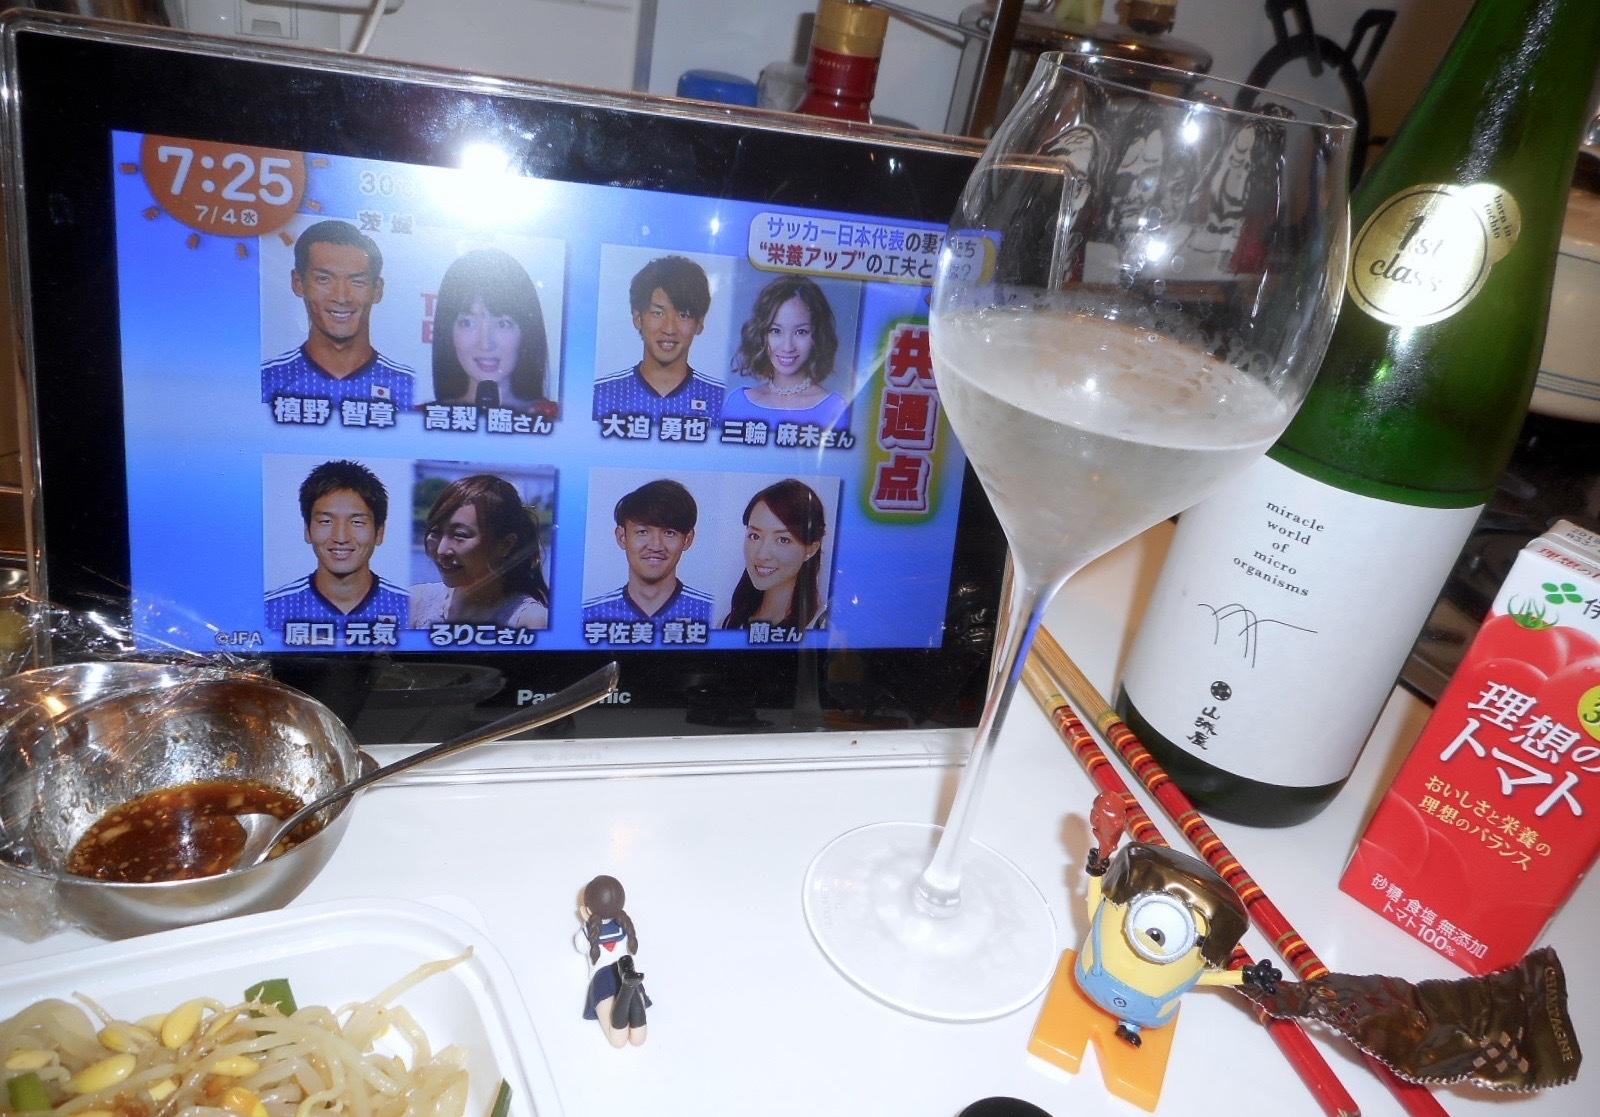 yamashiroya_1st_class29by5.jpg